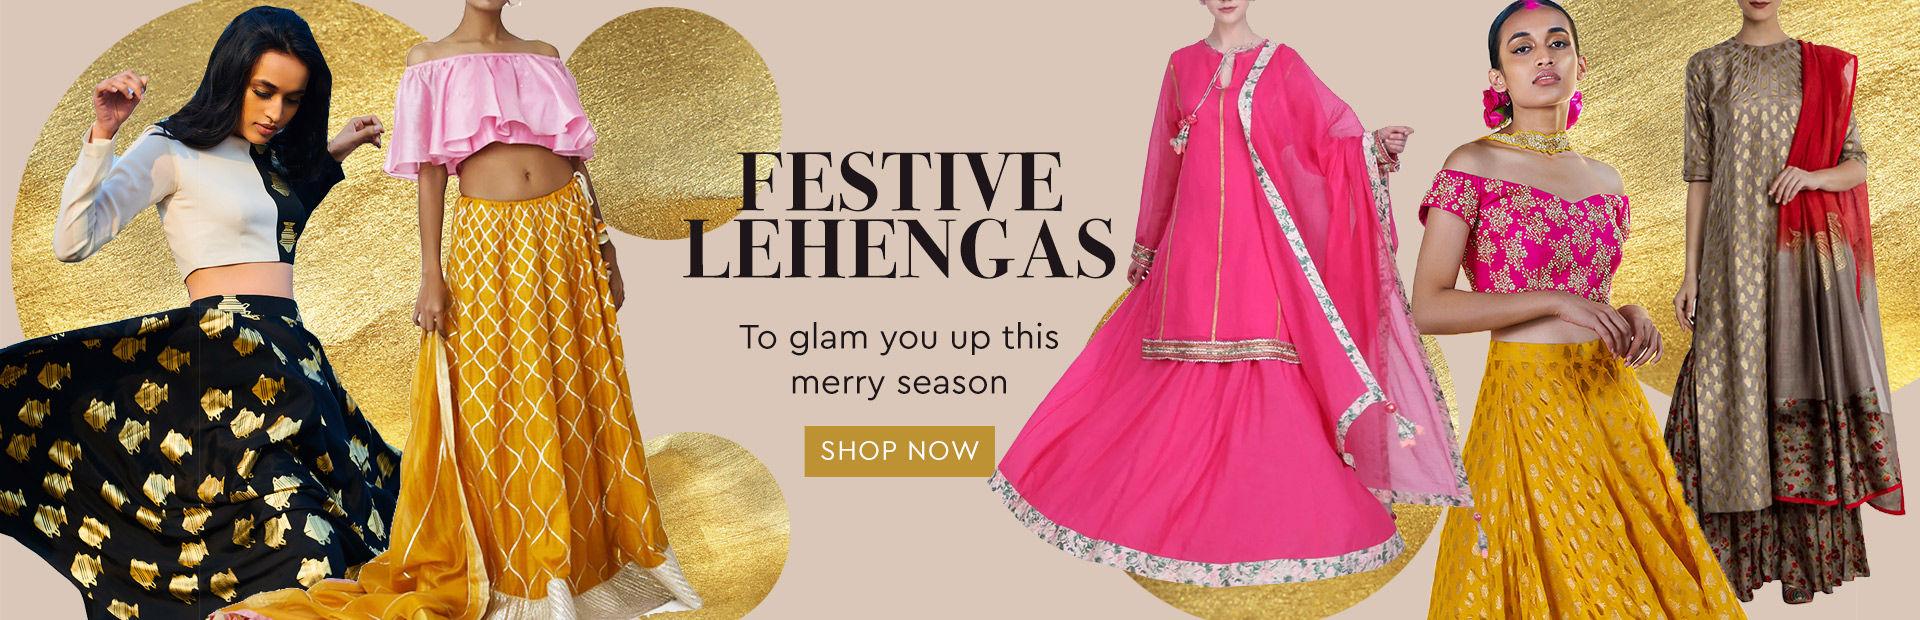 4bde2241486d6 Buy Latest Designer Lehengas & Designer Lehenga Choli Online| Nykaa ...